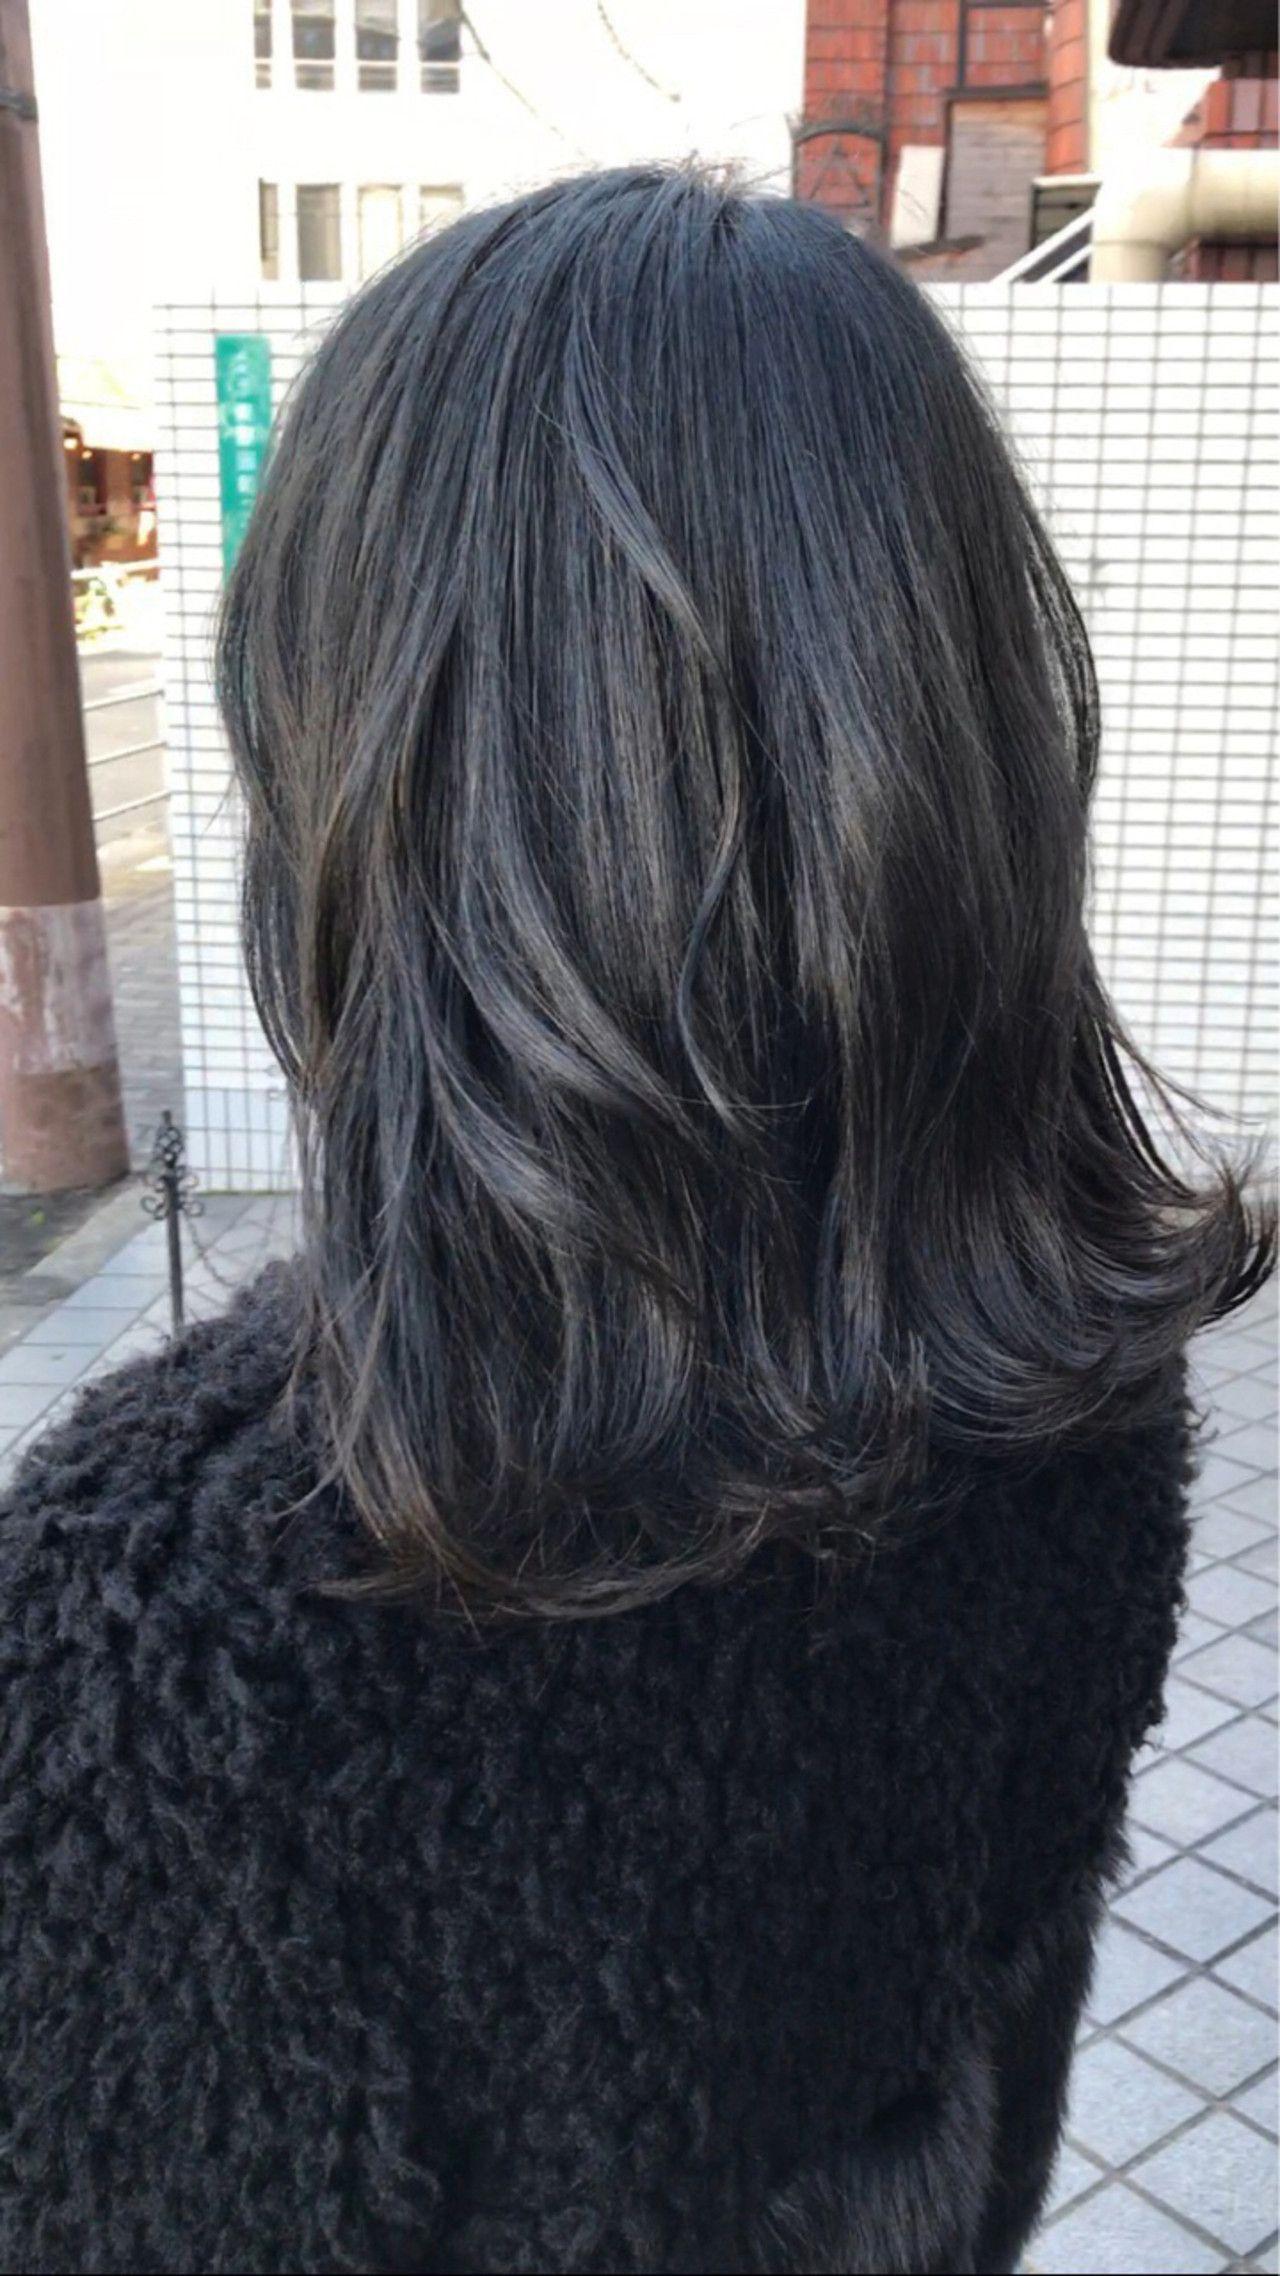 ネイビーブルージュ 黒っぽいけど黒じゃない ブラックブルージュ